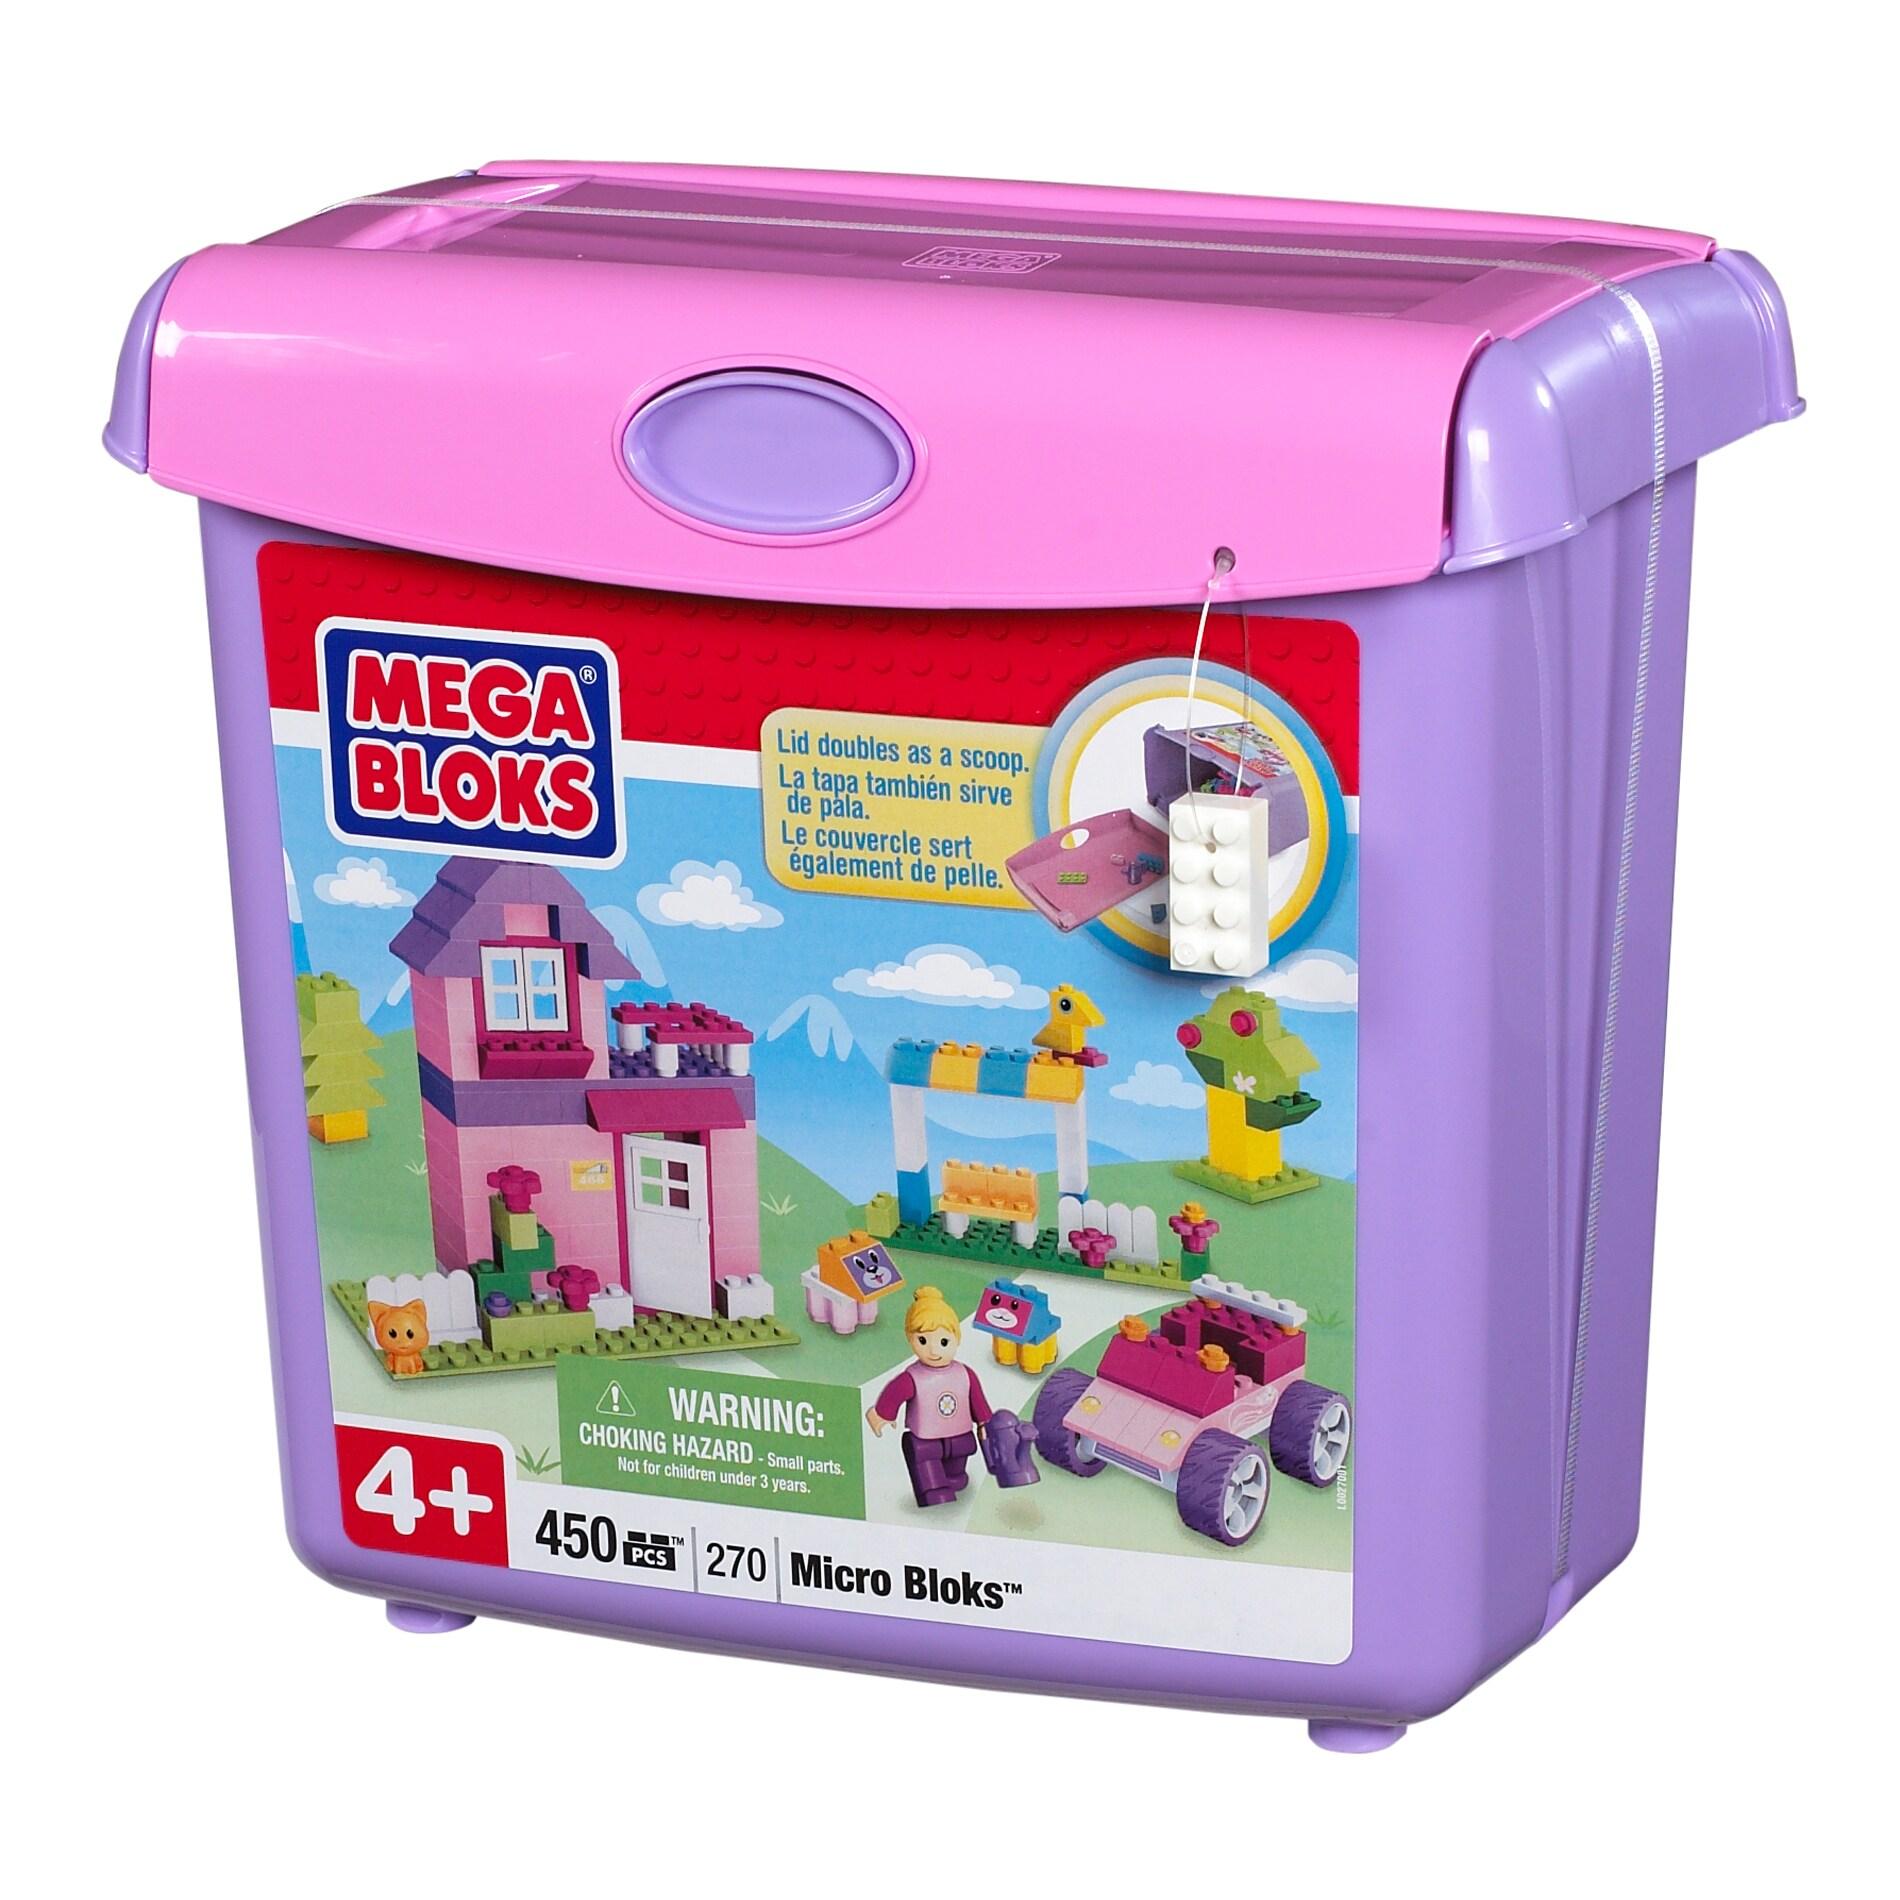 Micro Bloks Pink Scoop 'n Build Bucket Play Set